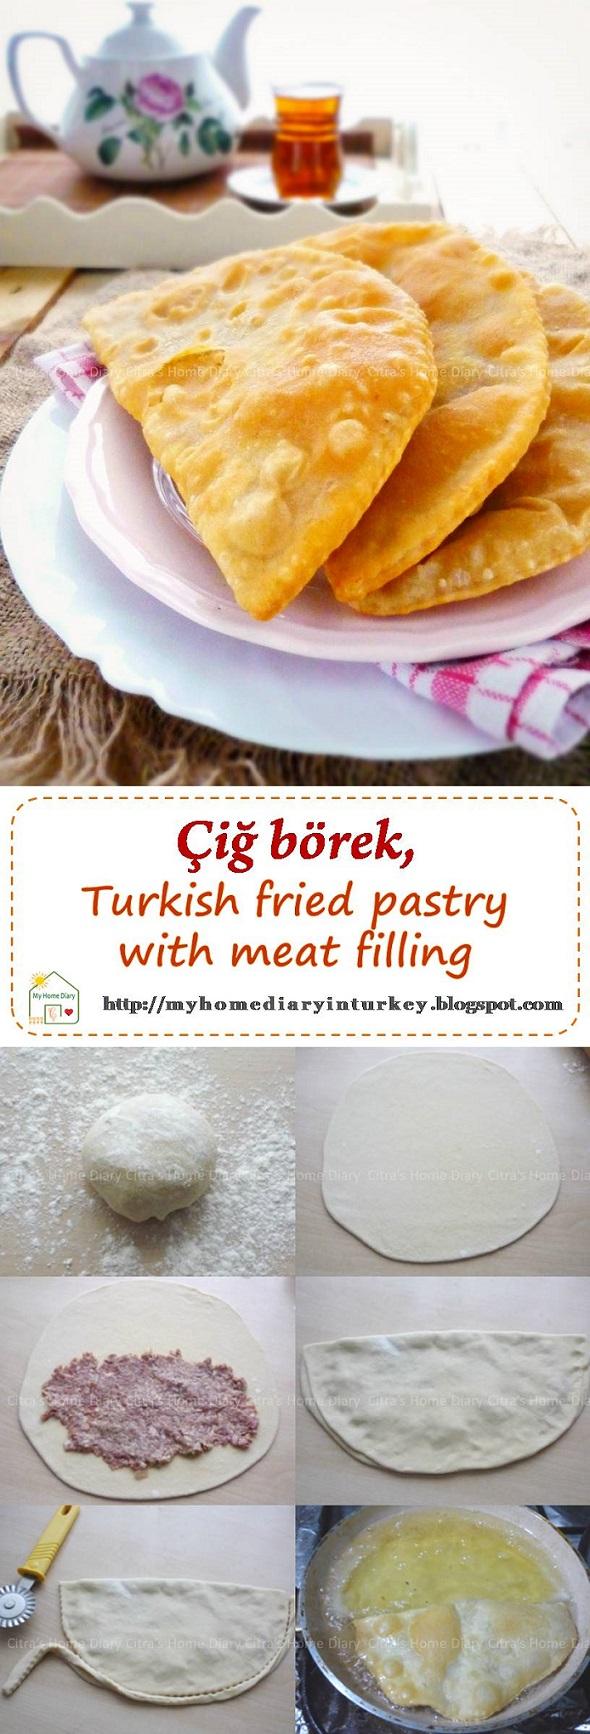 Çiğ börek (Turkish Raw meat pastry). And since börek is almost everyday meal in our house, today İ am going to share on of our favorite börek called çiğcbörek (read; chee borek). Çiğ means raw, because this börek, filled with raw mincemeat and fried in oil. #börek #burek #borek #cigborek #çiğbörek #turkishfood #meatpastry #turnoverrecipe #breakfast #friedpastry